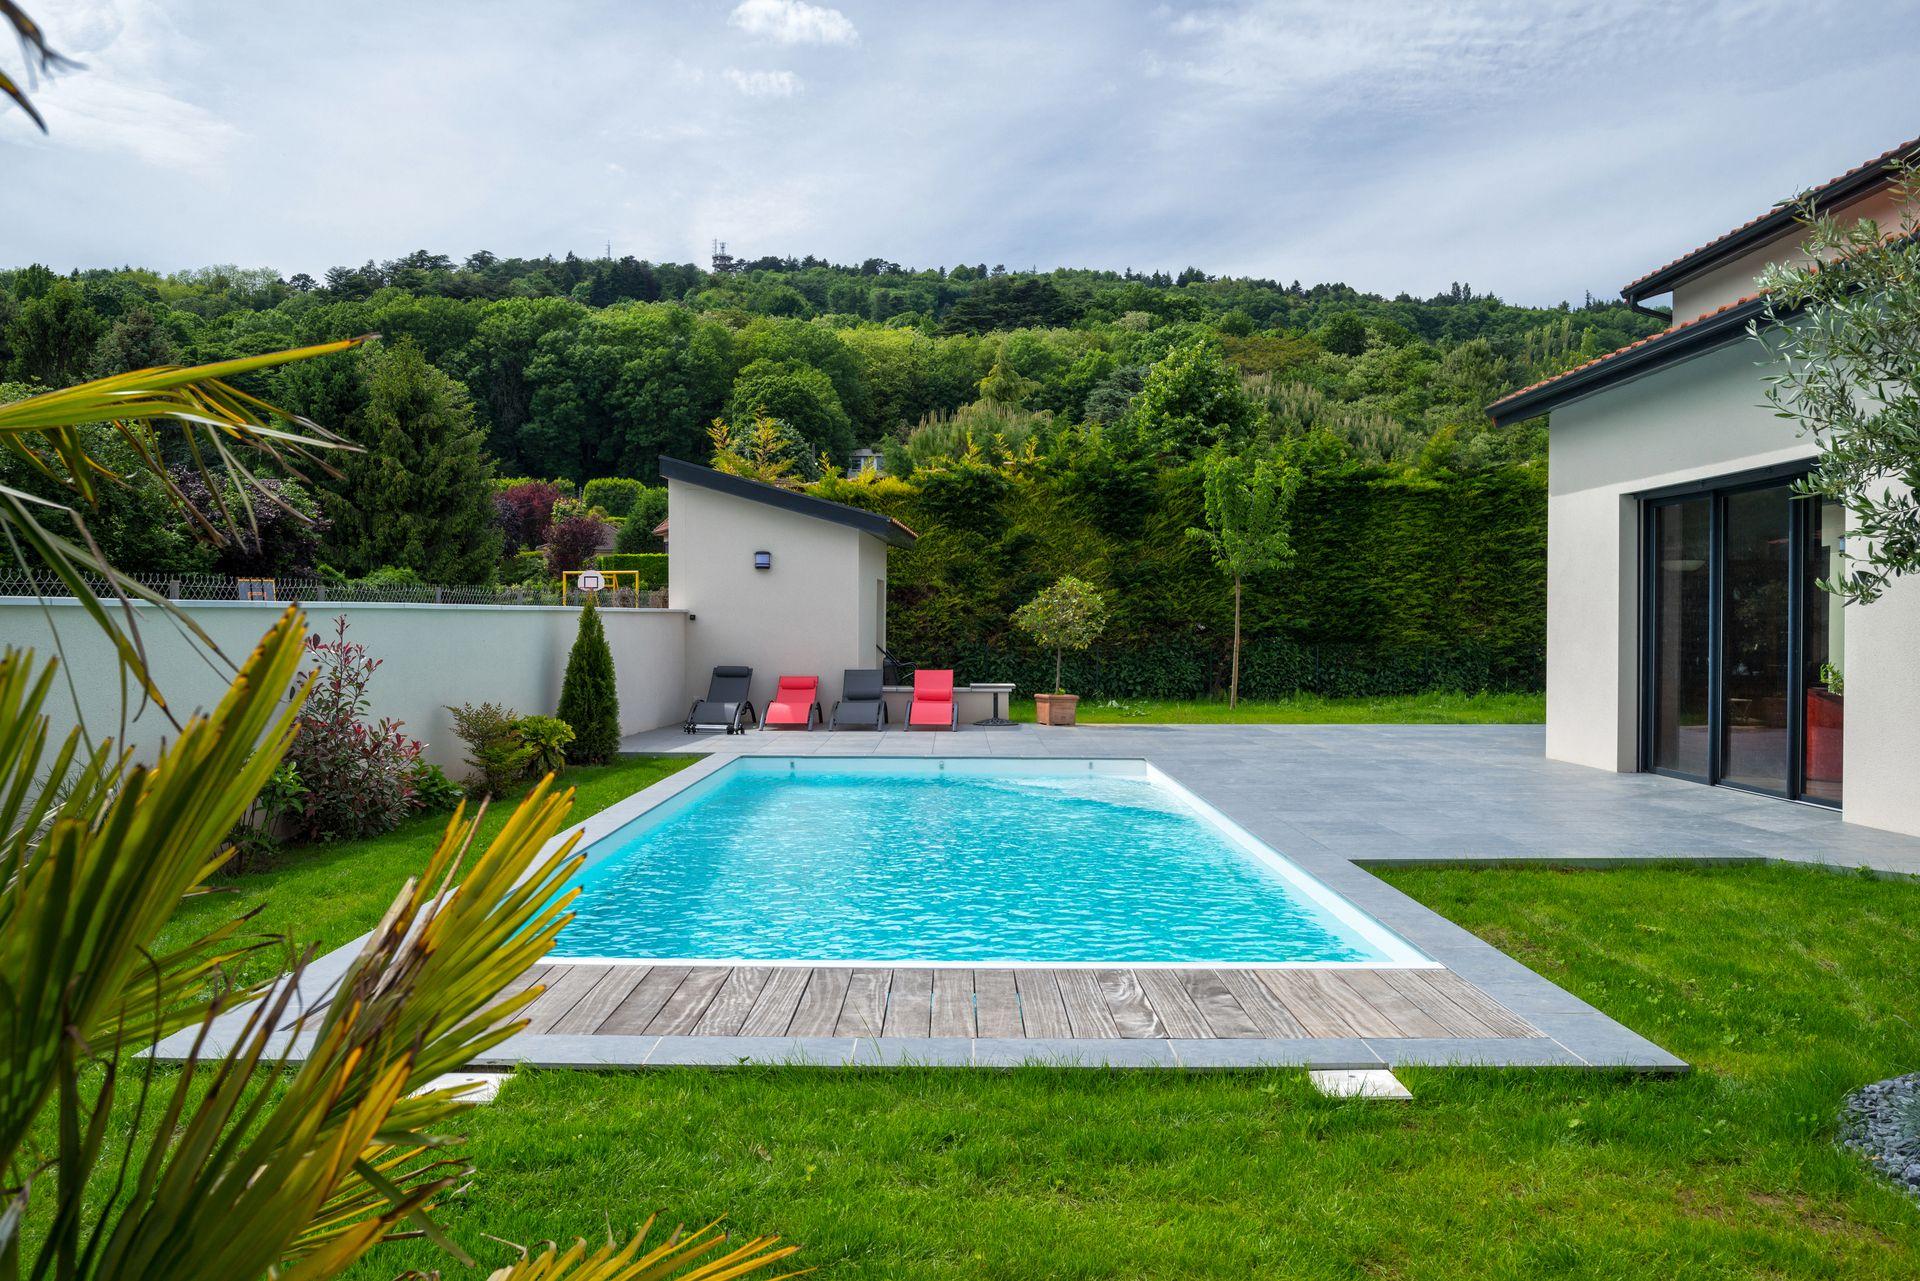 maison-traditionnelle-piscine